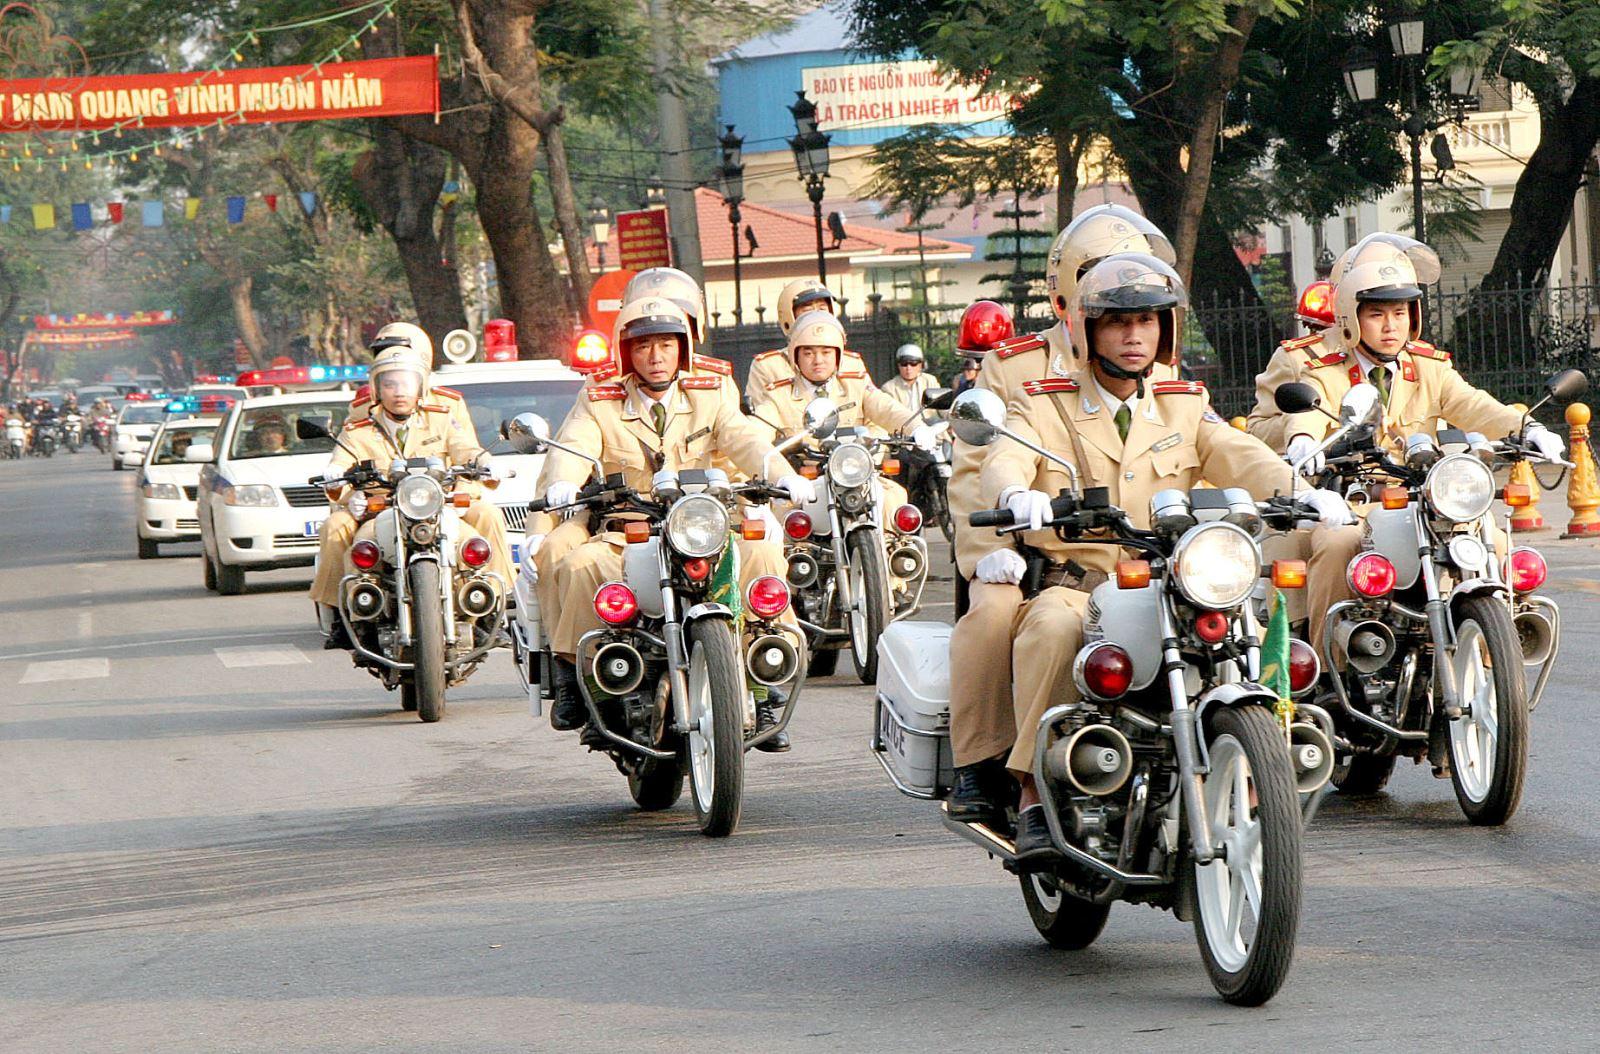 Tư vấn cấp phép an ninh trật tự tại Nghệ An